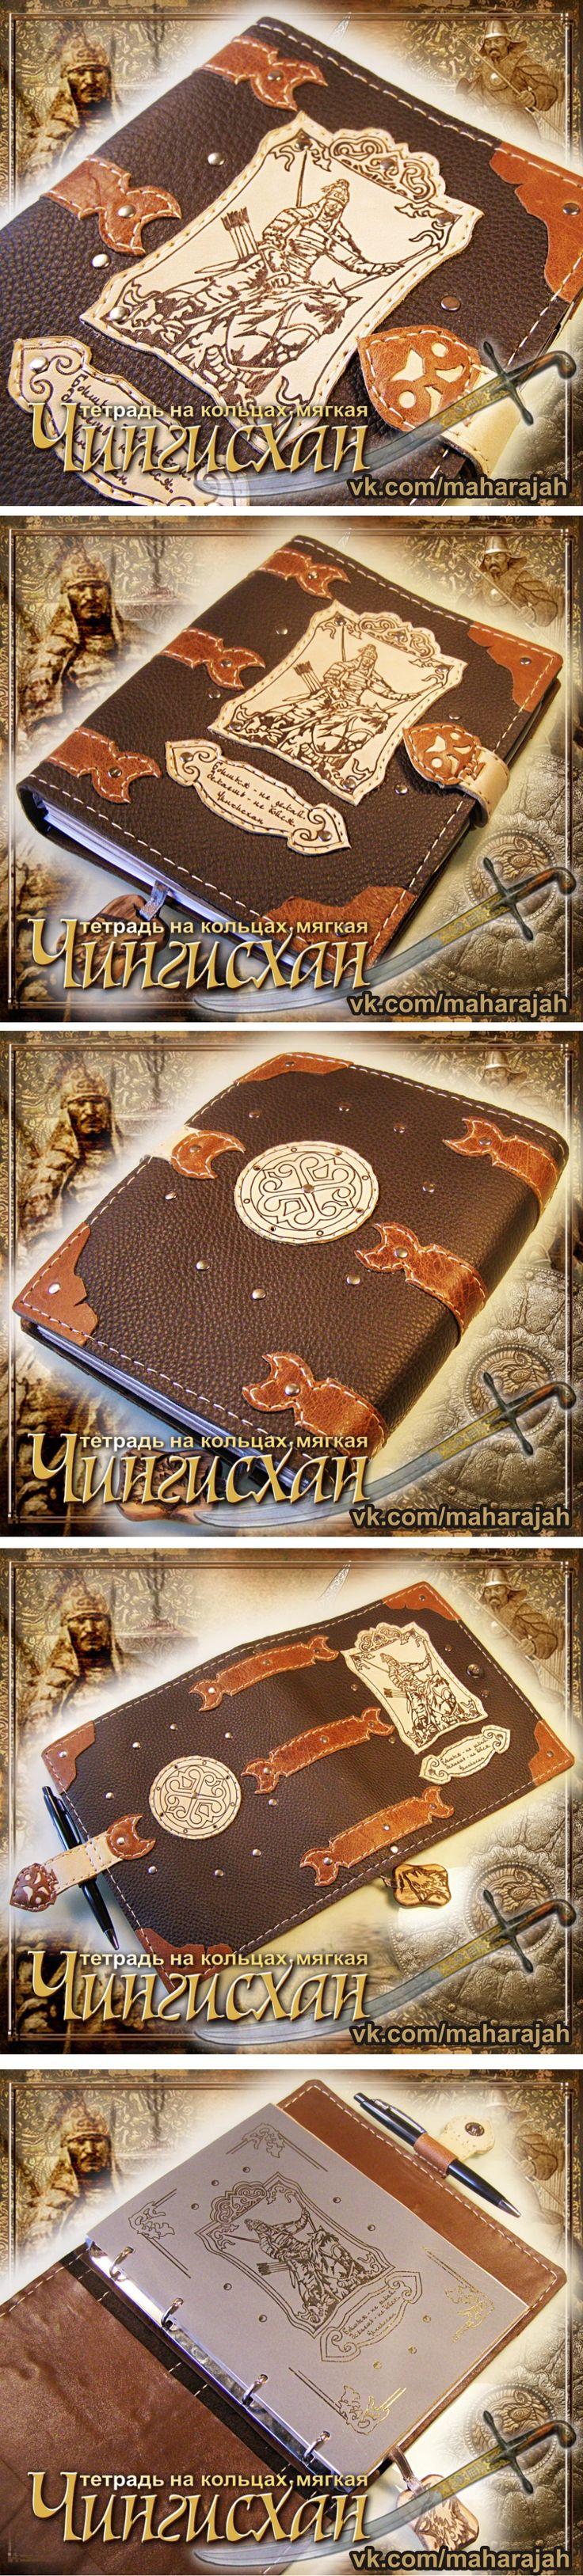 """Book on rings soft """"Genghis Khan"""" Тетрадь на кольцах мягкая """"Чингисхан"""" 18х22х3 см. КРС, нубук, фурнитура никель; рисунок - пирография, прошивка вручную вощёной нитью, застёжка-магнит, петля под ручку, буковый резной подвес, изнутри кожа шевро, карман. Сменный тетрадный блок на кольцах   vk.com/maharajah"""